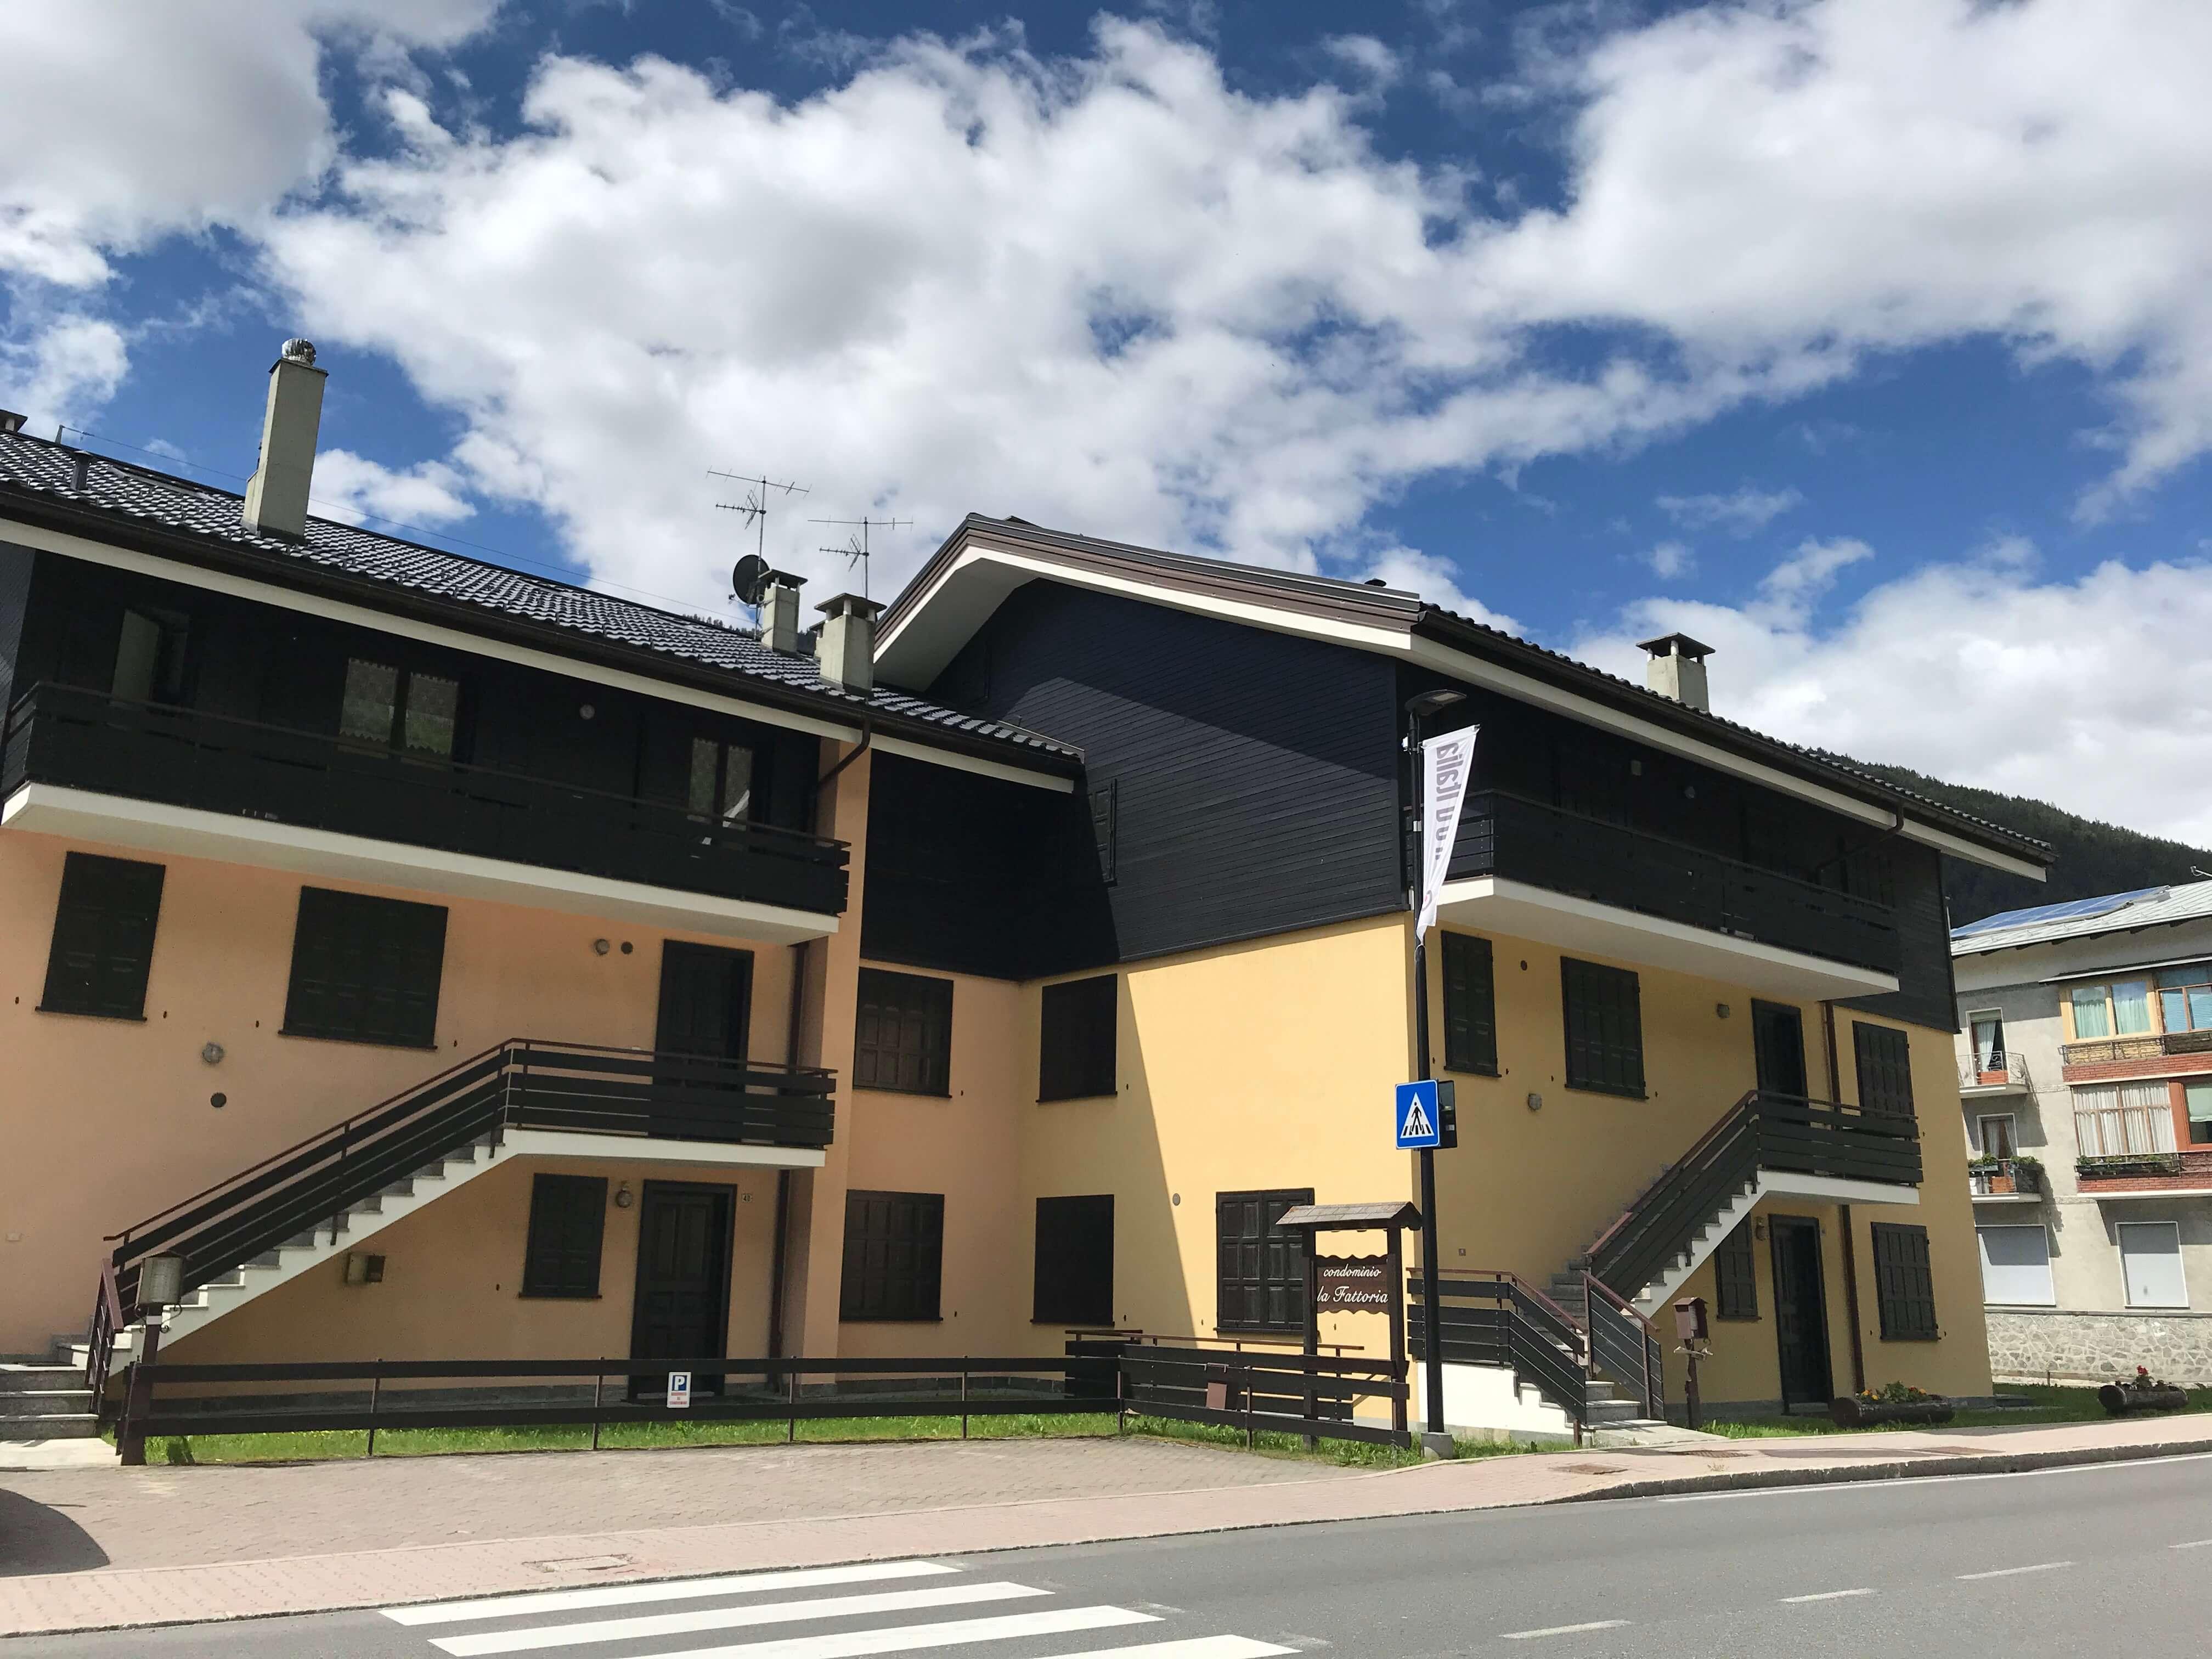 Immobiliare Abita mansarda bilocale in vendita - lato nord